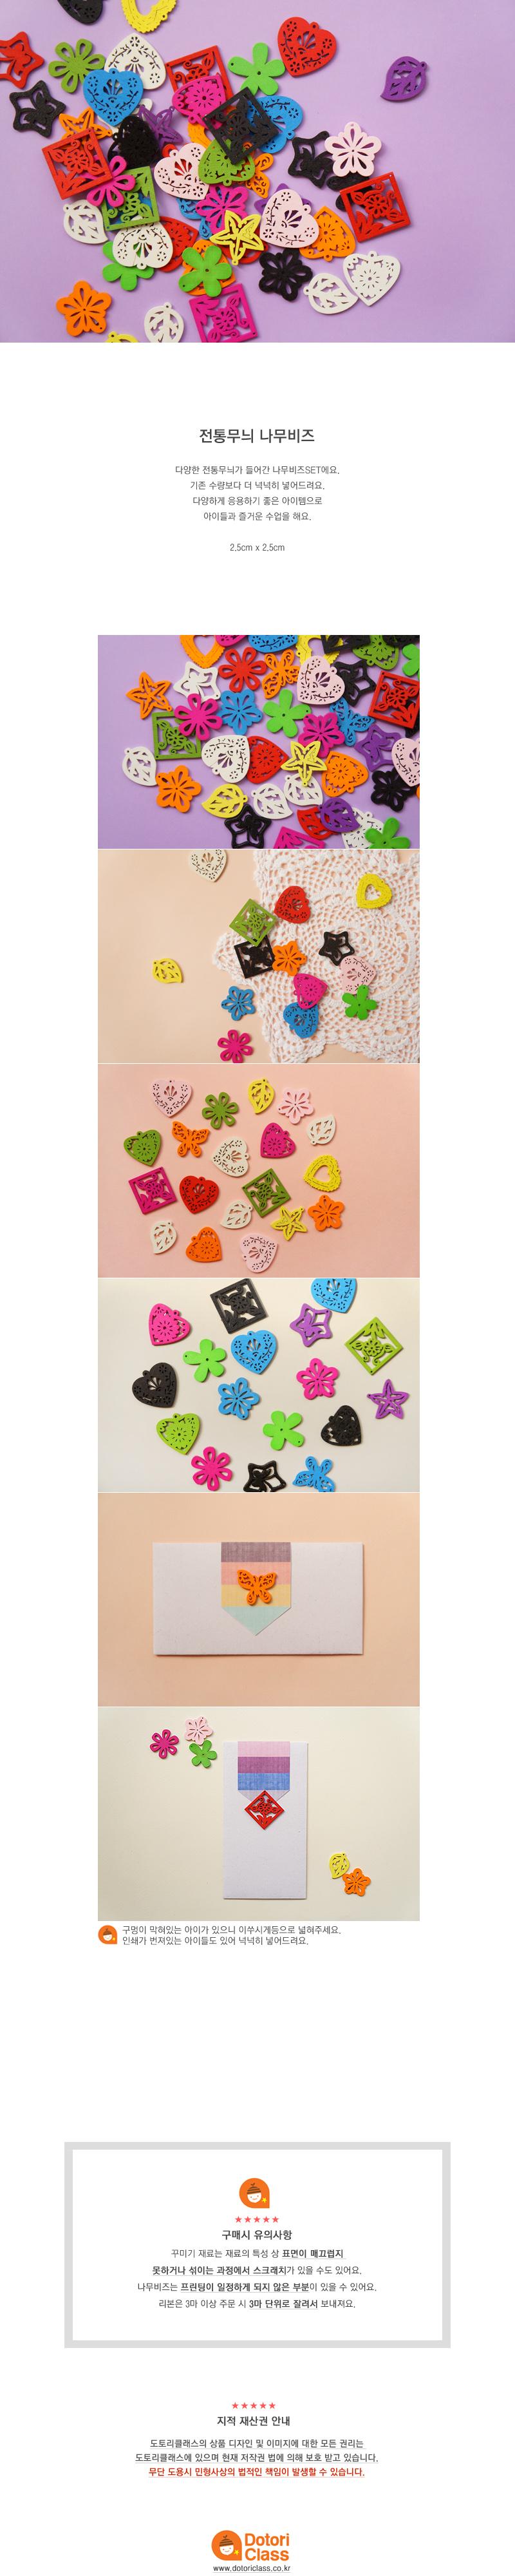 전통무늬 나무비즈50p - 도토리클래스, 3,000원, 비즈공예, 비즈